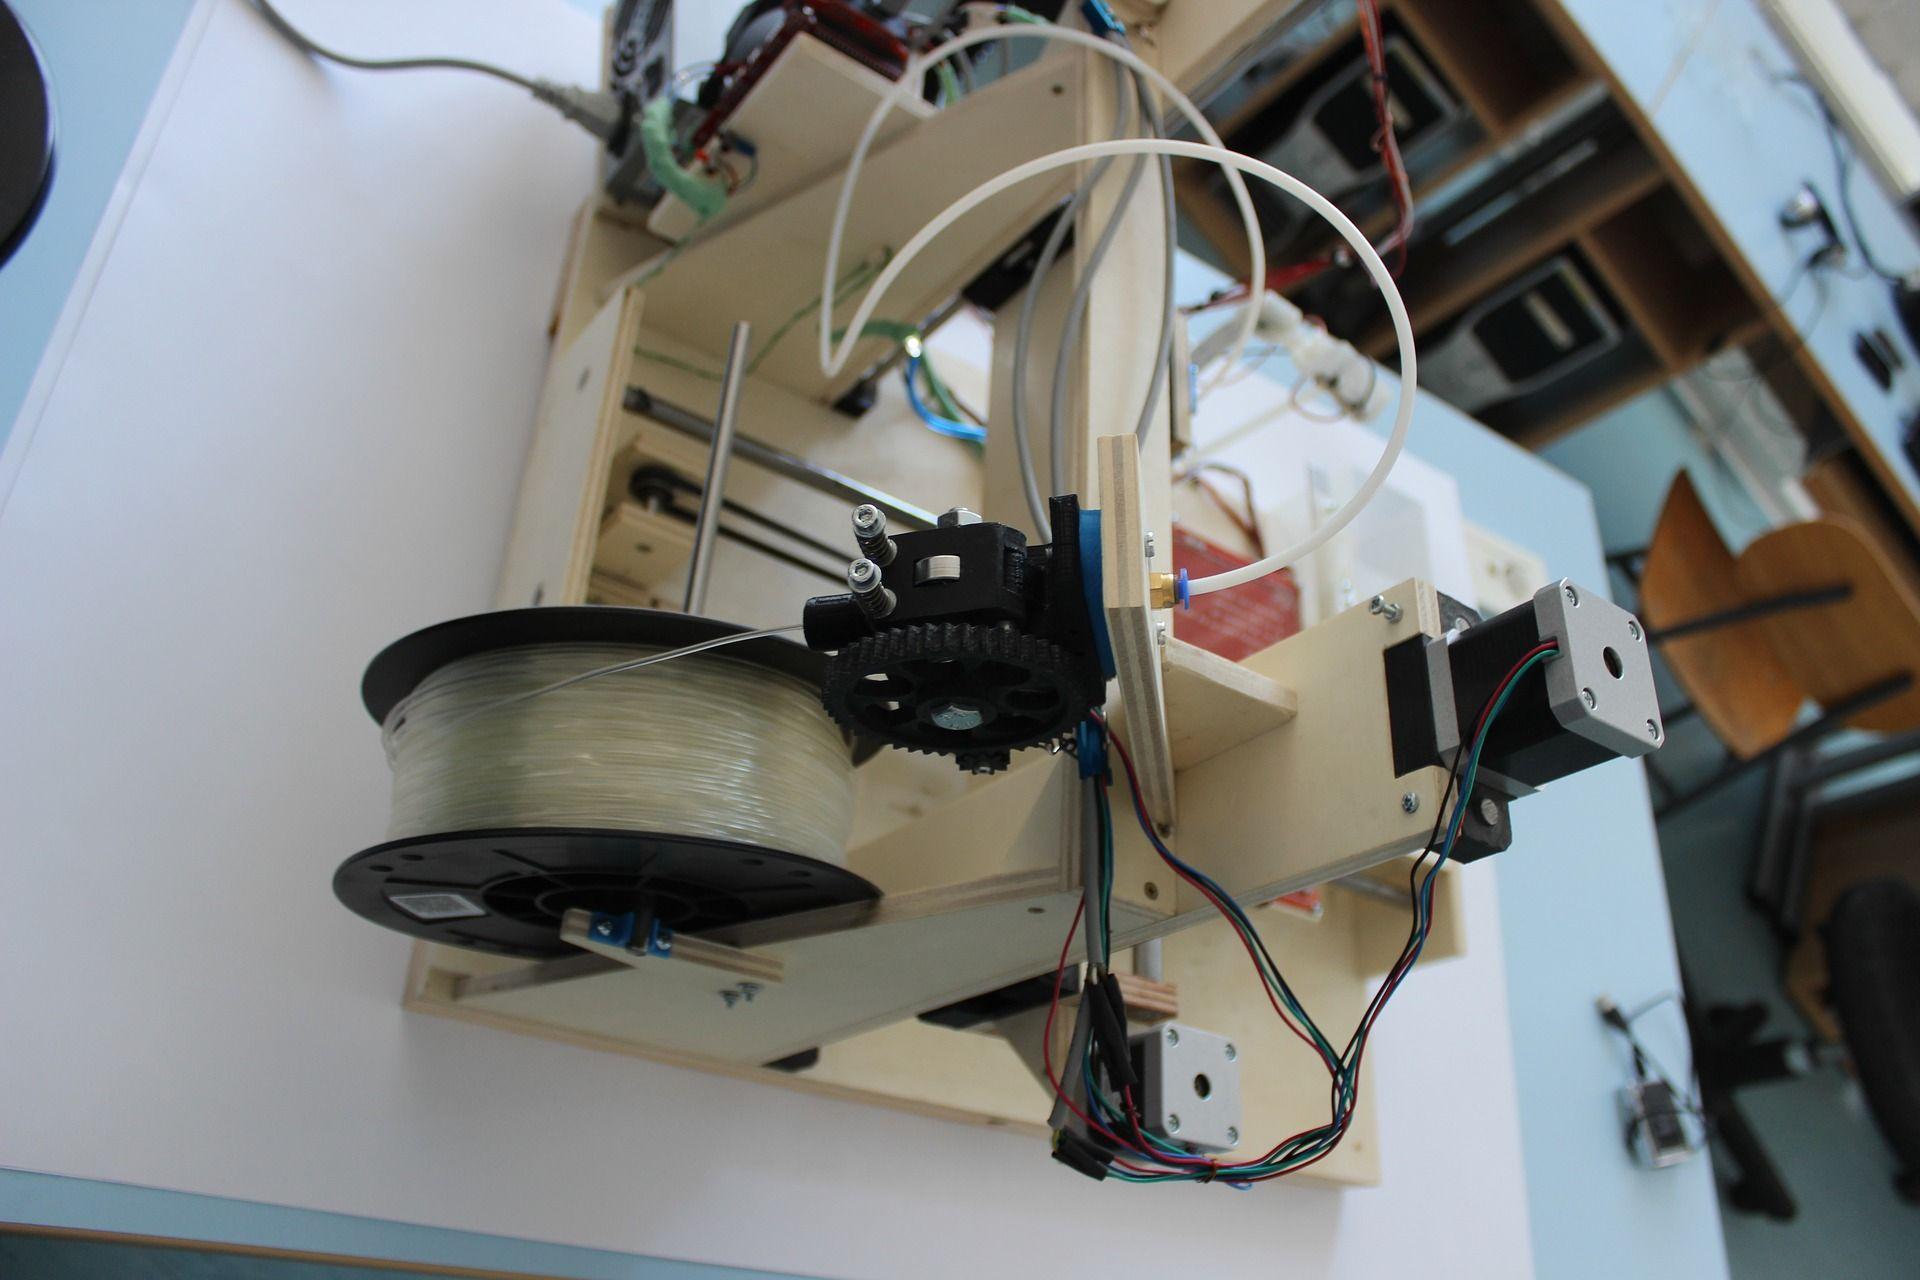 Erfahre, wie du 3D Drucker selber bauen kannst